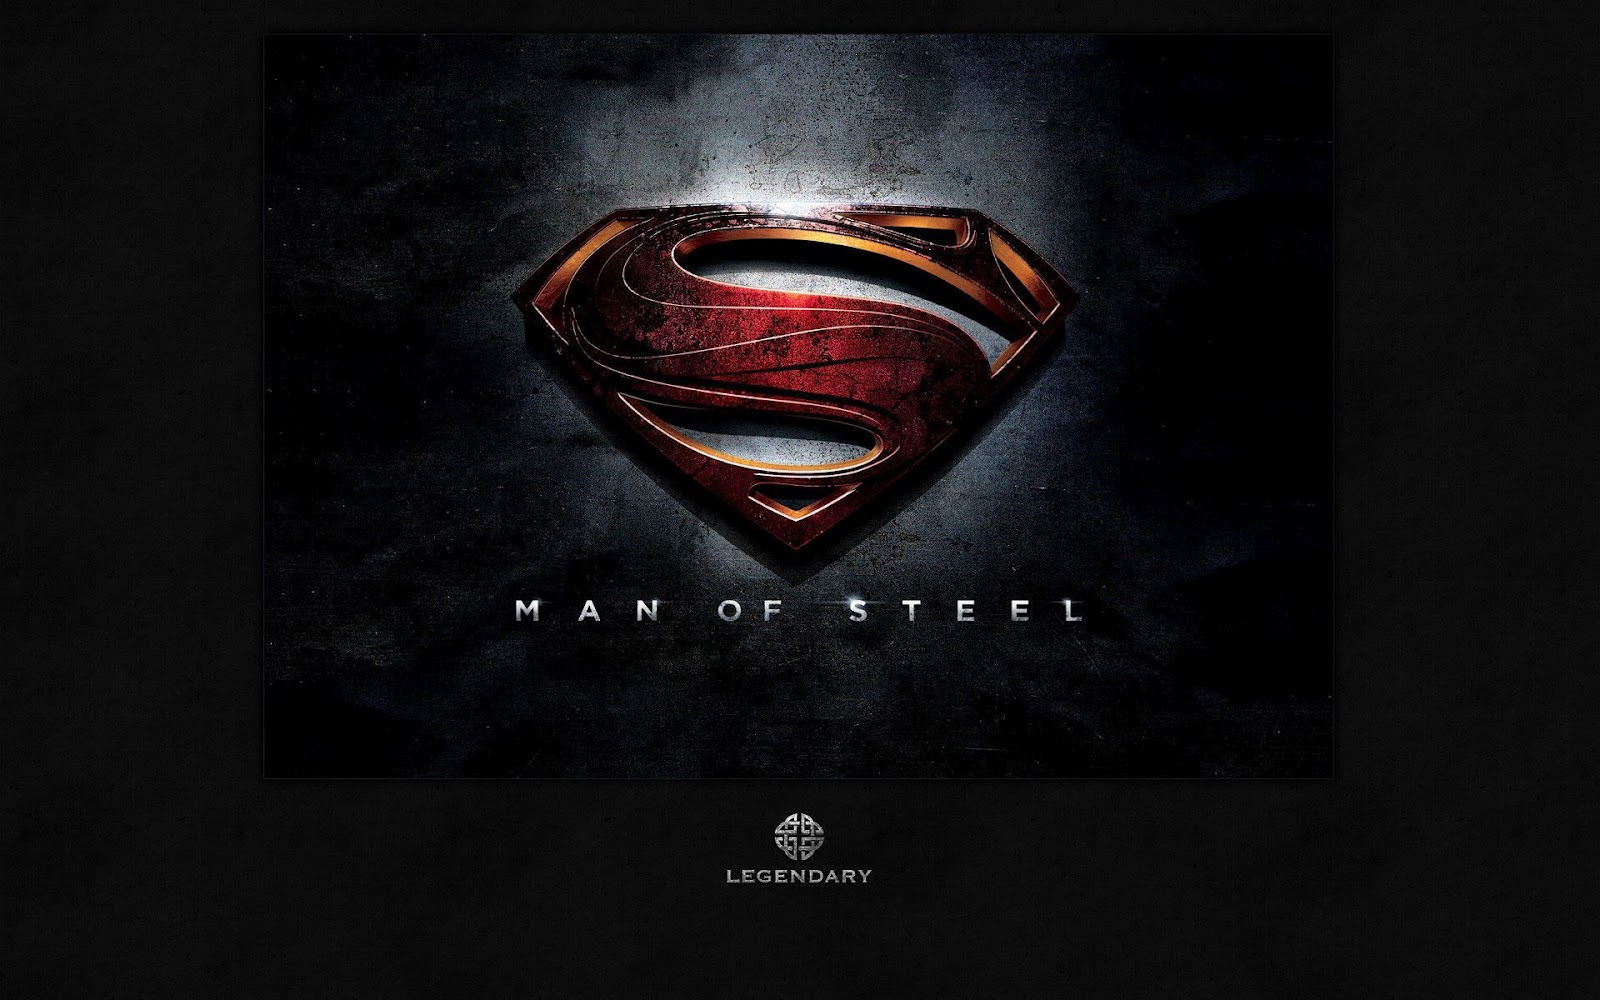 http://3.bp.blogspot.com/-sCIlRK-_7fs/UCt2MpF2uEI/AAAAAAAAM08/NQT_2BQE_g8/s1600/man-of-steel-logo.jpg